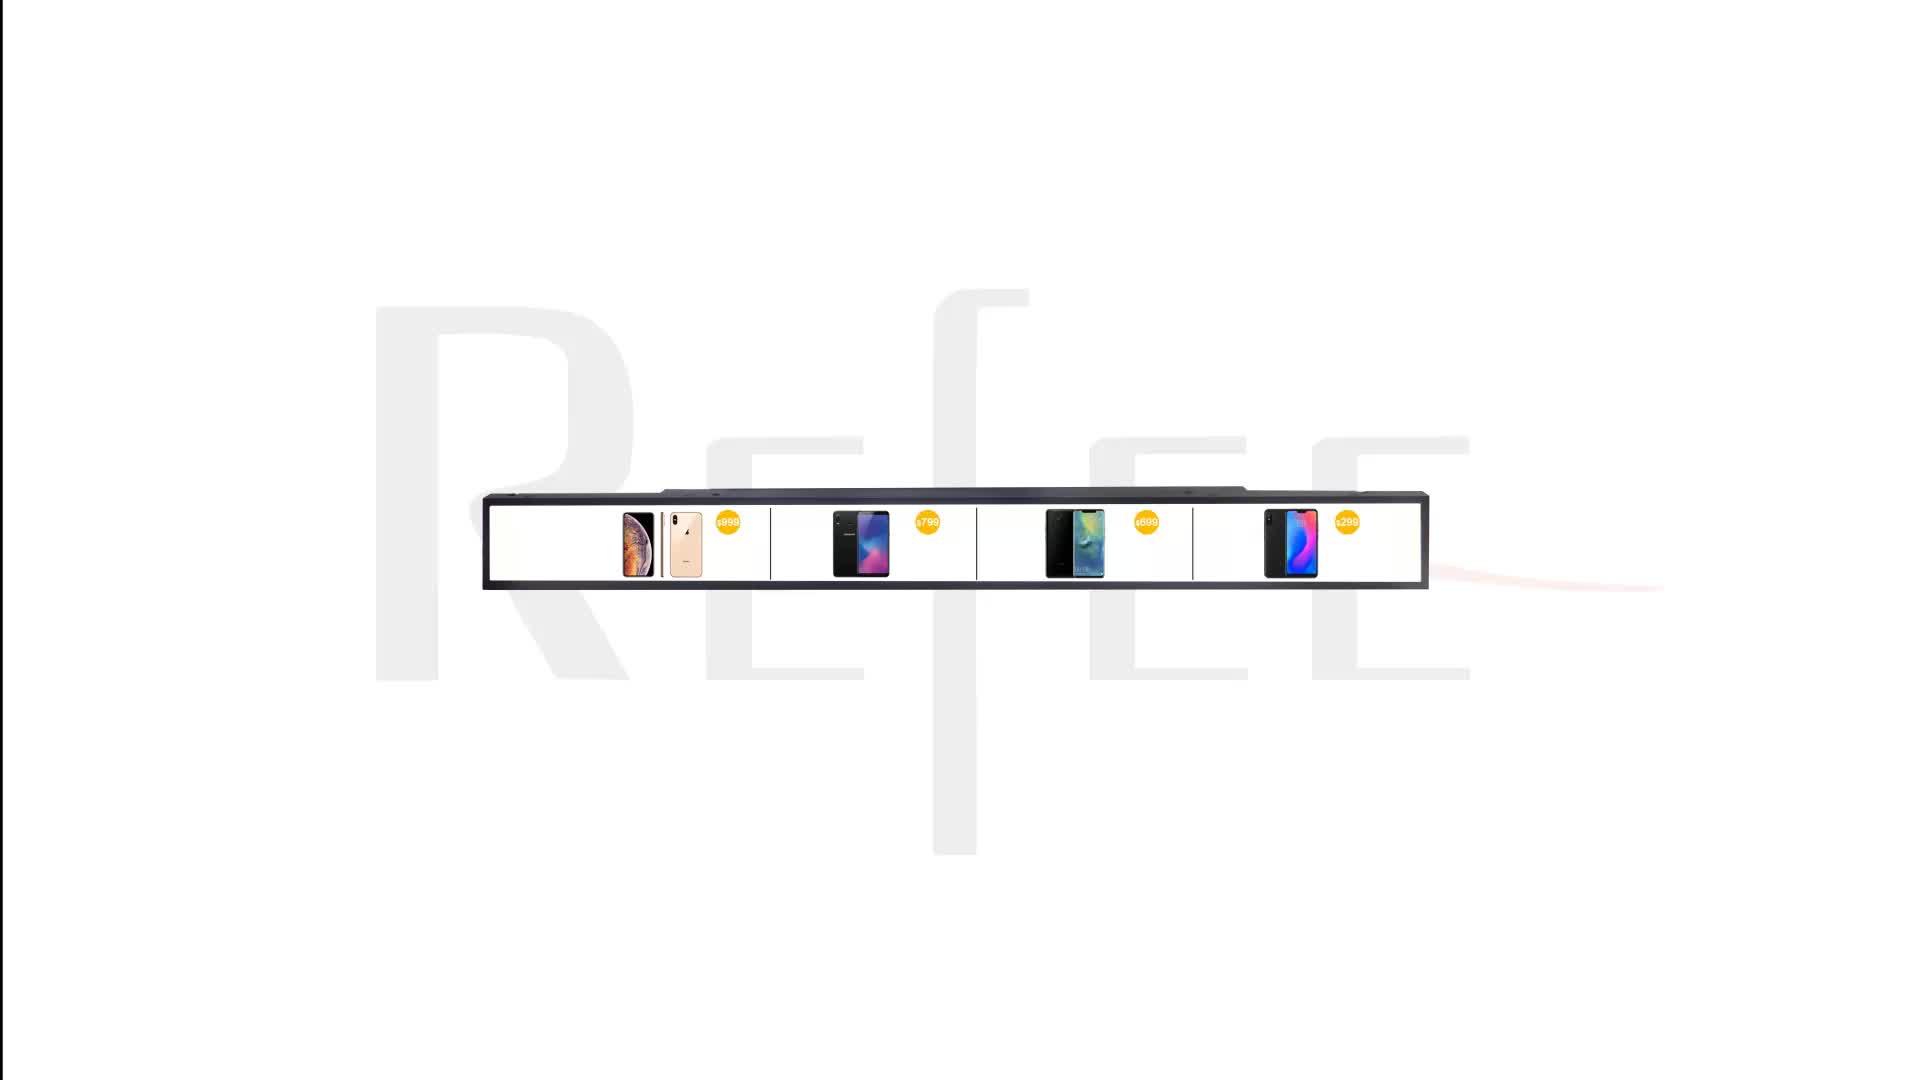 23 pulgadas ultra amplia barra alargada medios digitales pantalla LCD para el borde de la plataforma